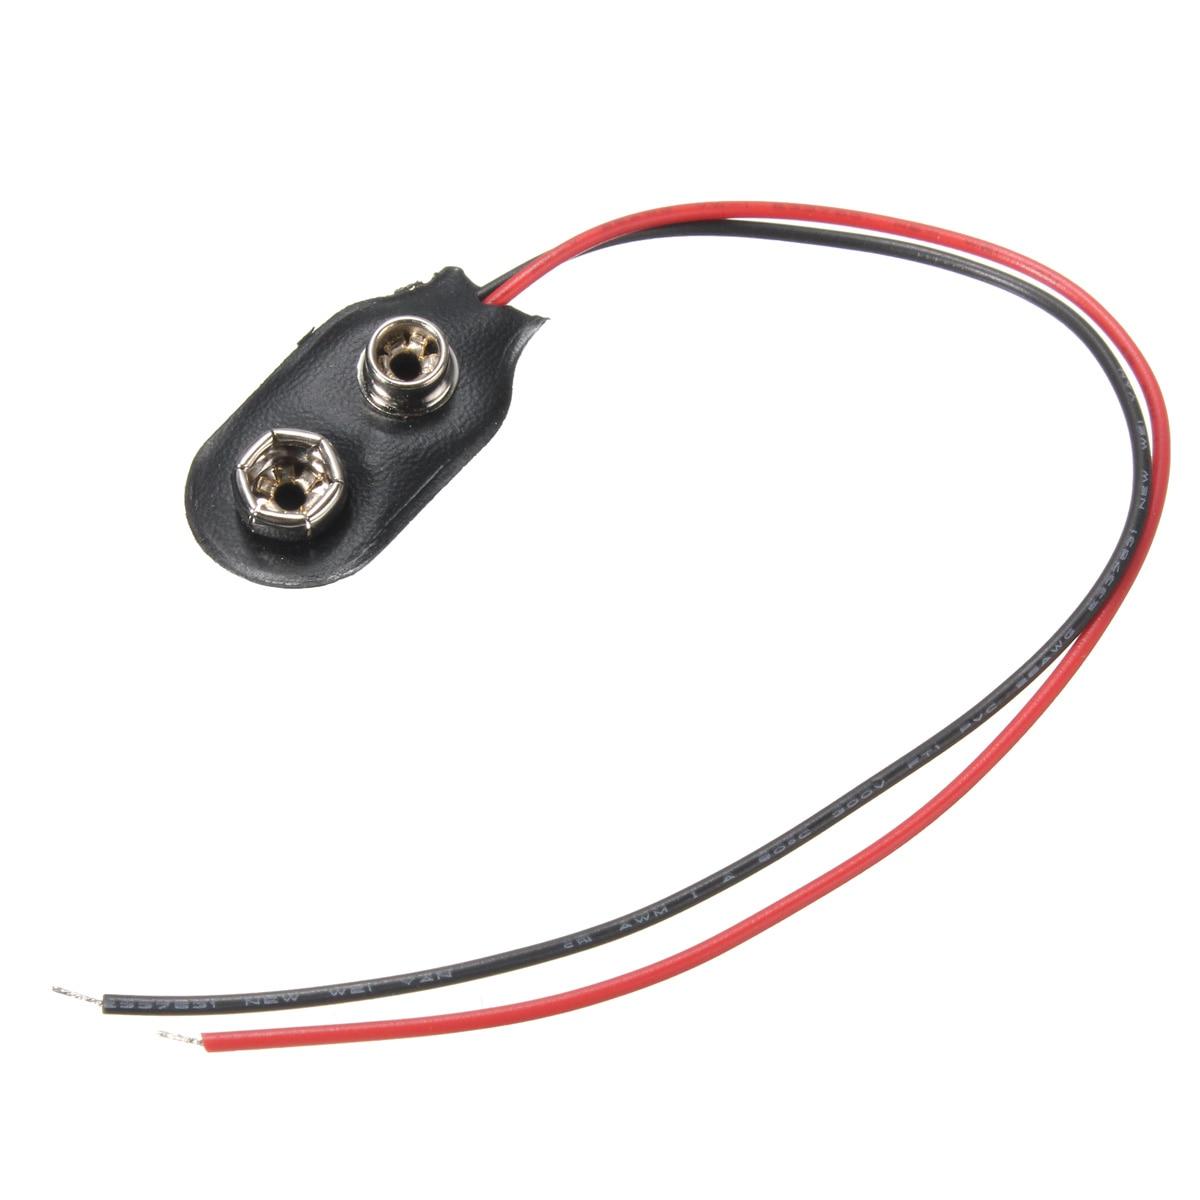 Circuito Rc : Soft shell batería de 9 voltios batería snap hebilla para placas de